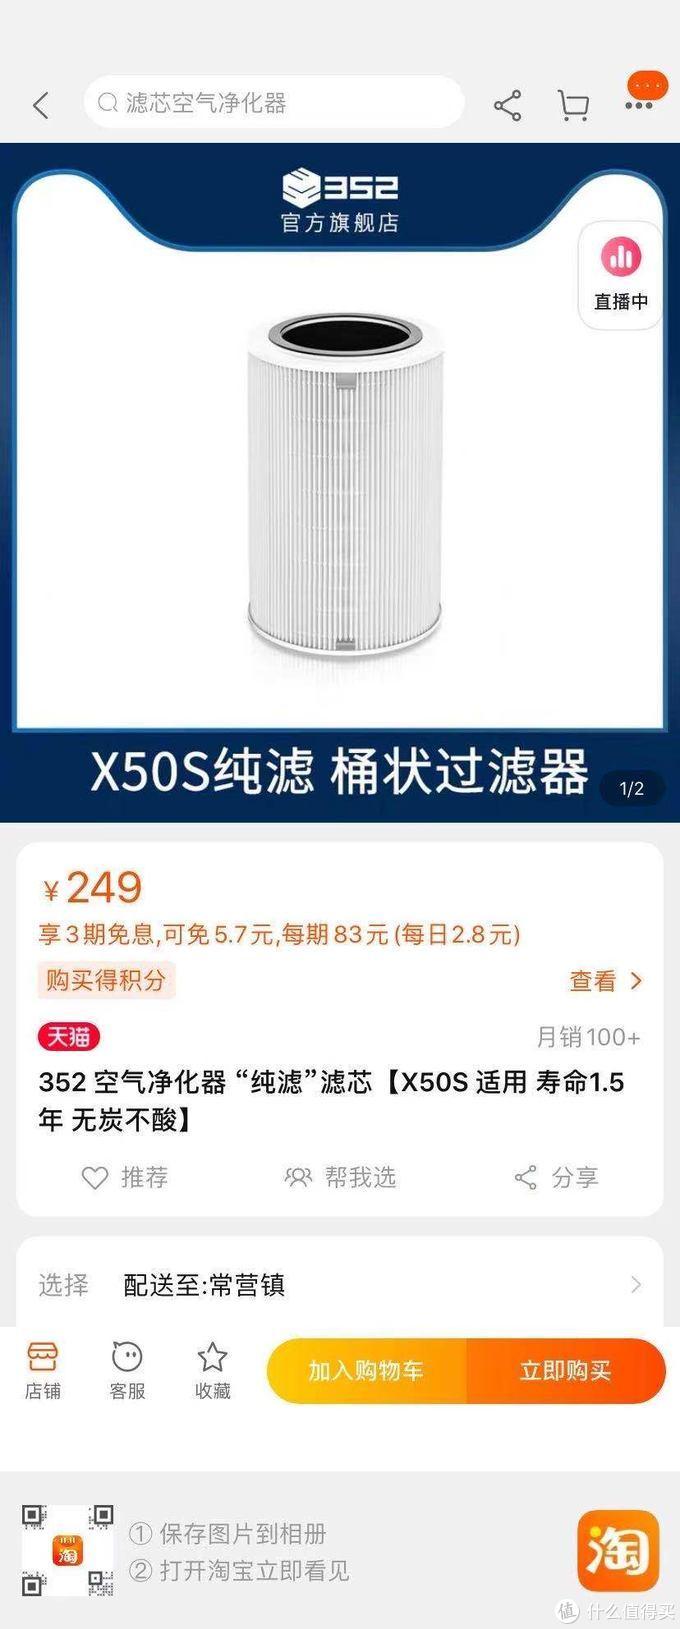 千元级空净我选了谁----晒一台352 X50S空气净化器